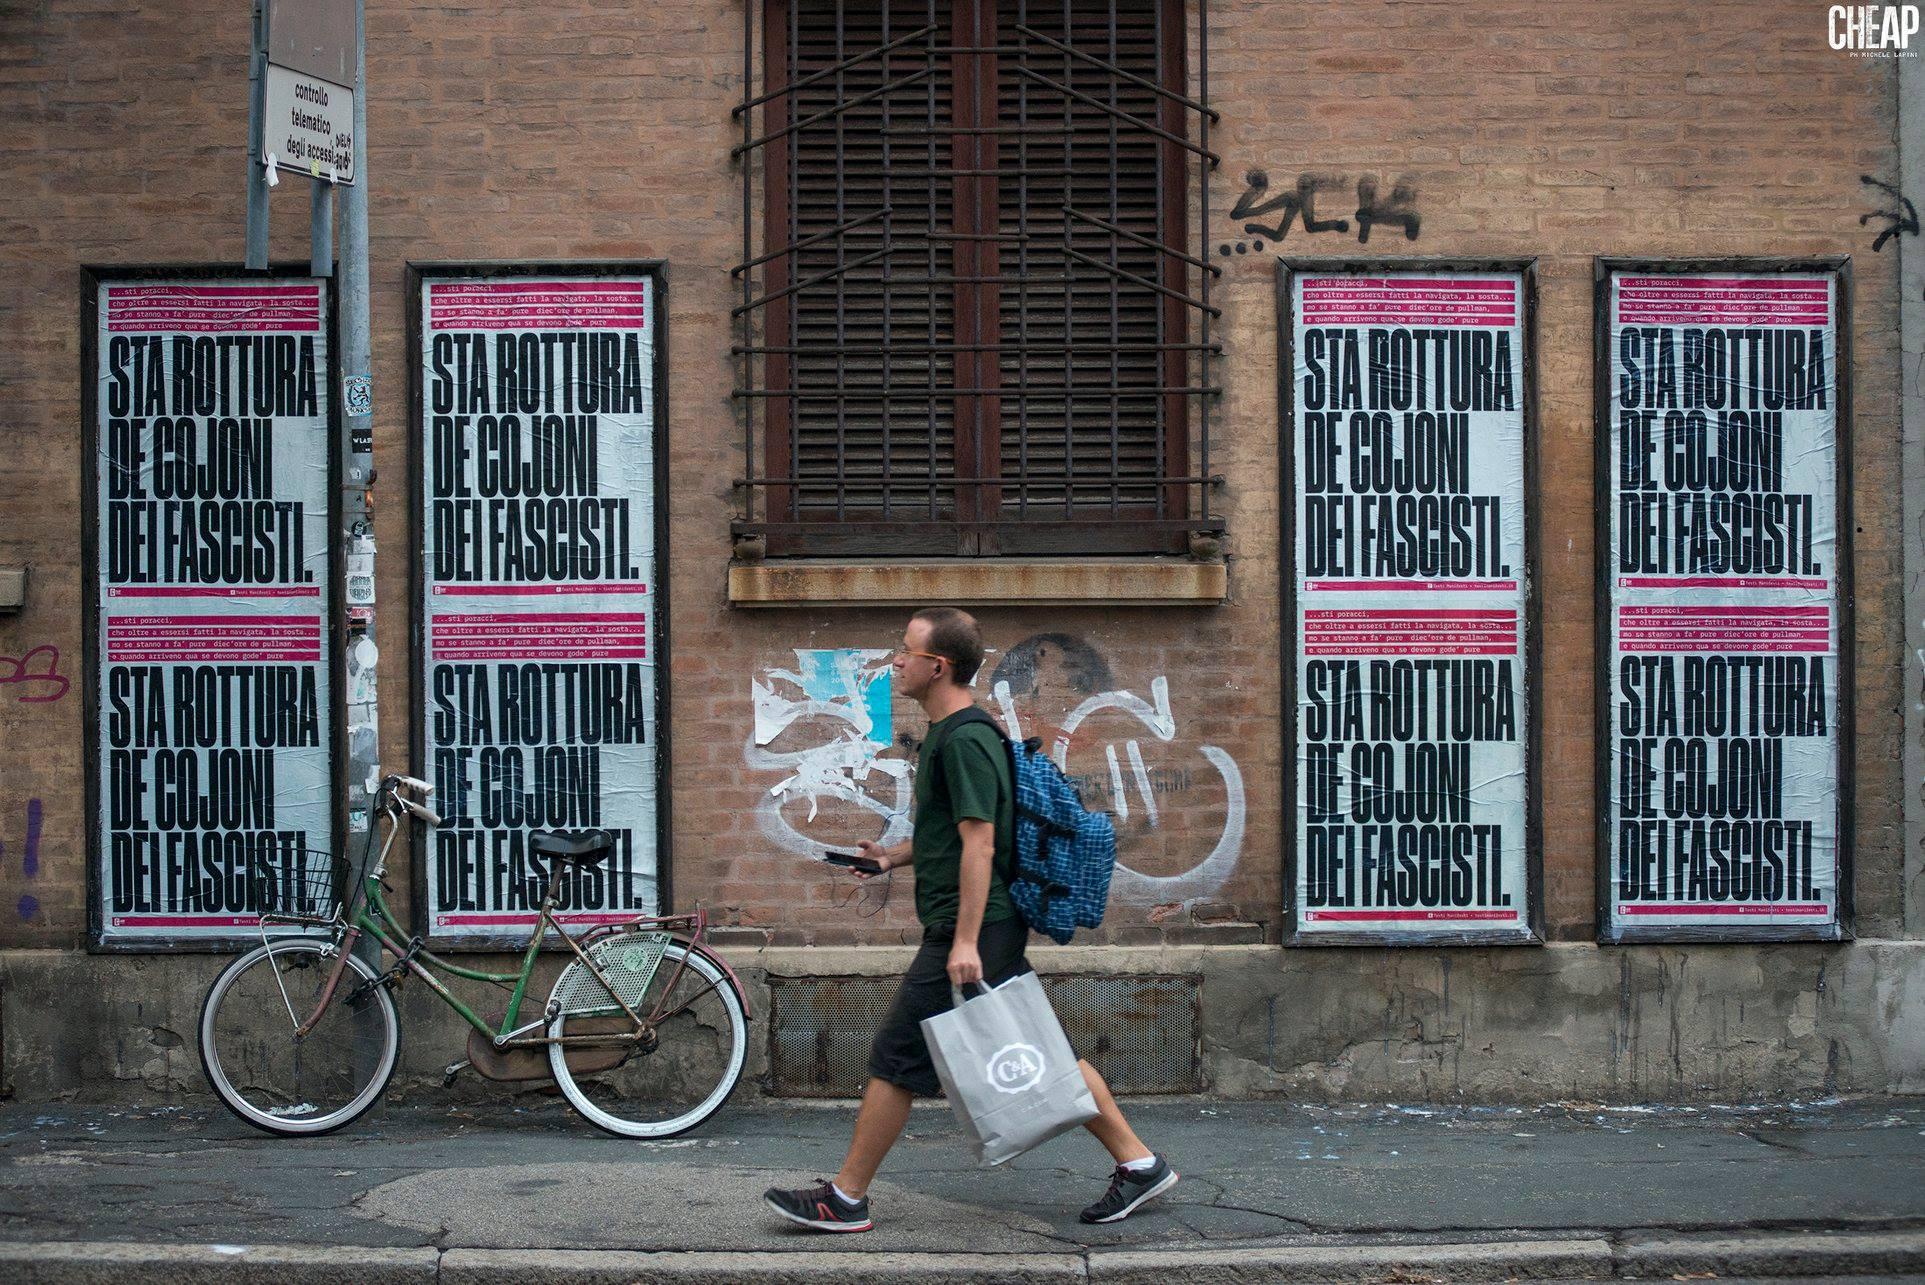 Bologna, 2018 - Il testo-manifesto diventa un poster affisso nelle strade (CHEAP street poster art | ph Michele Lapini).